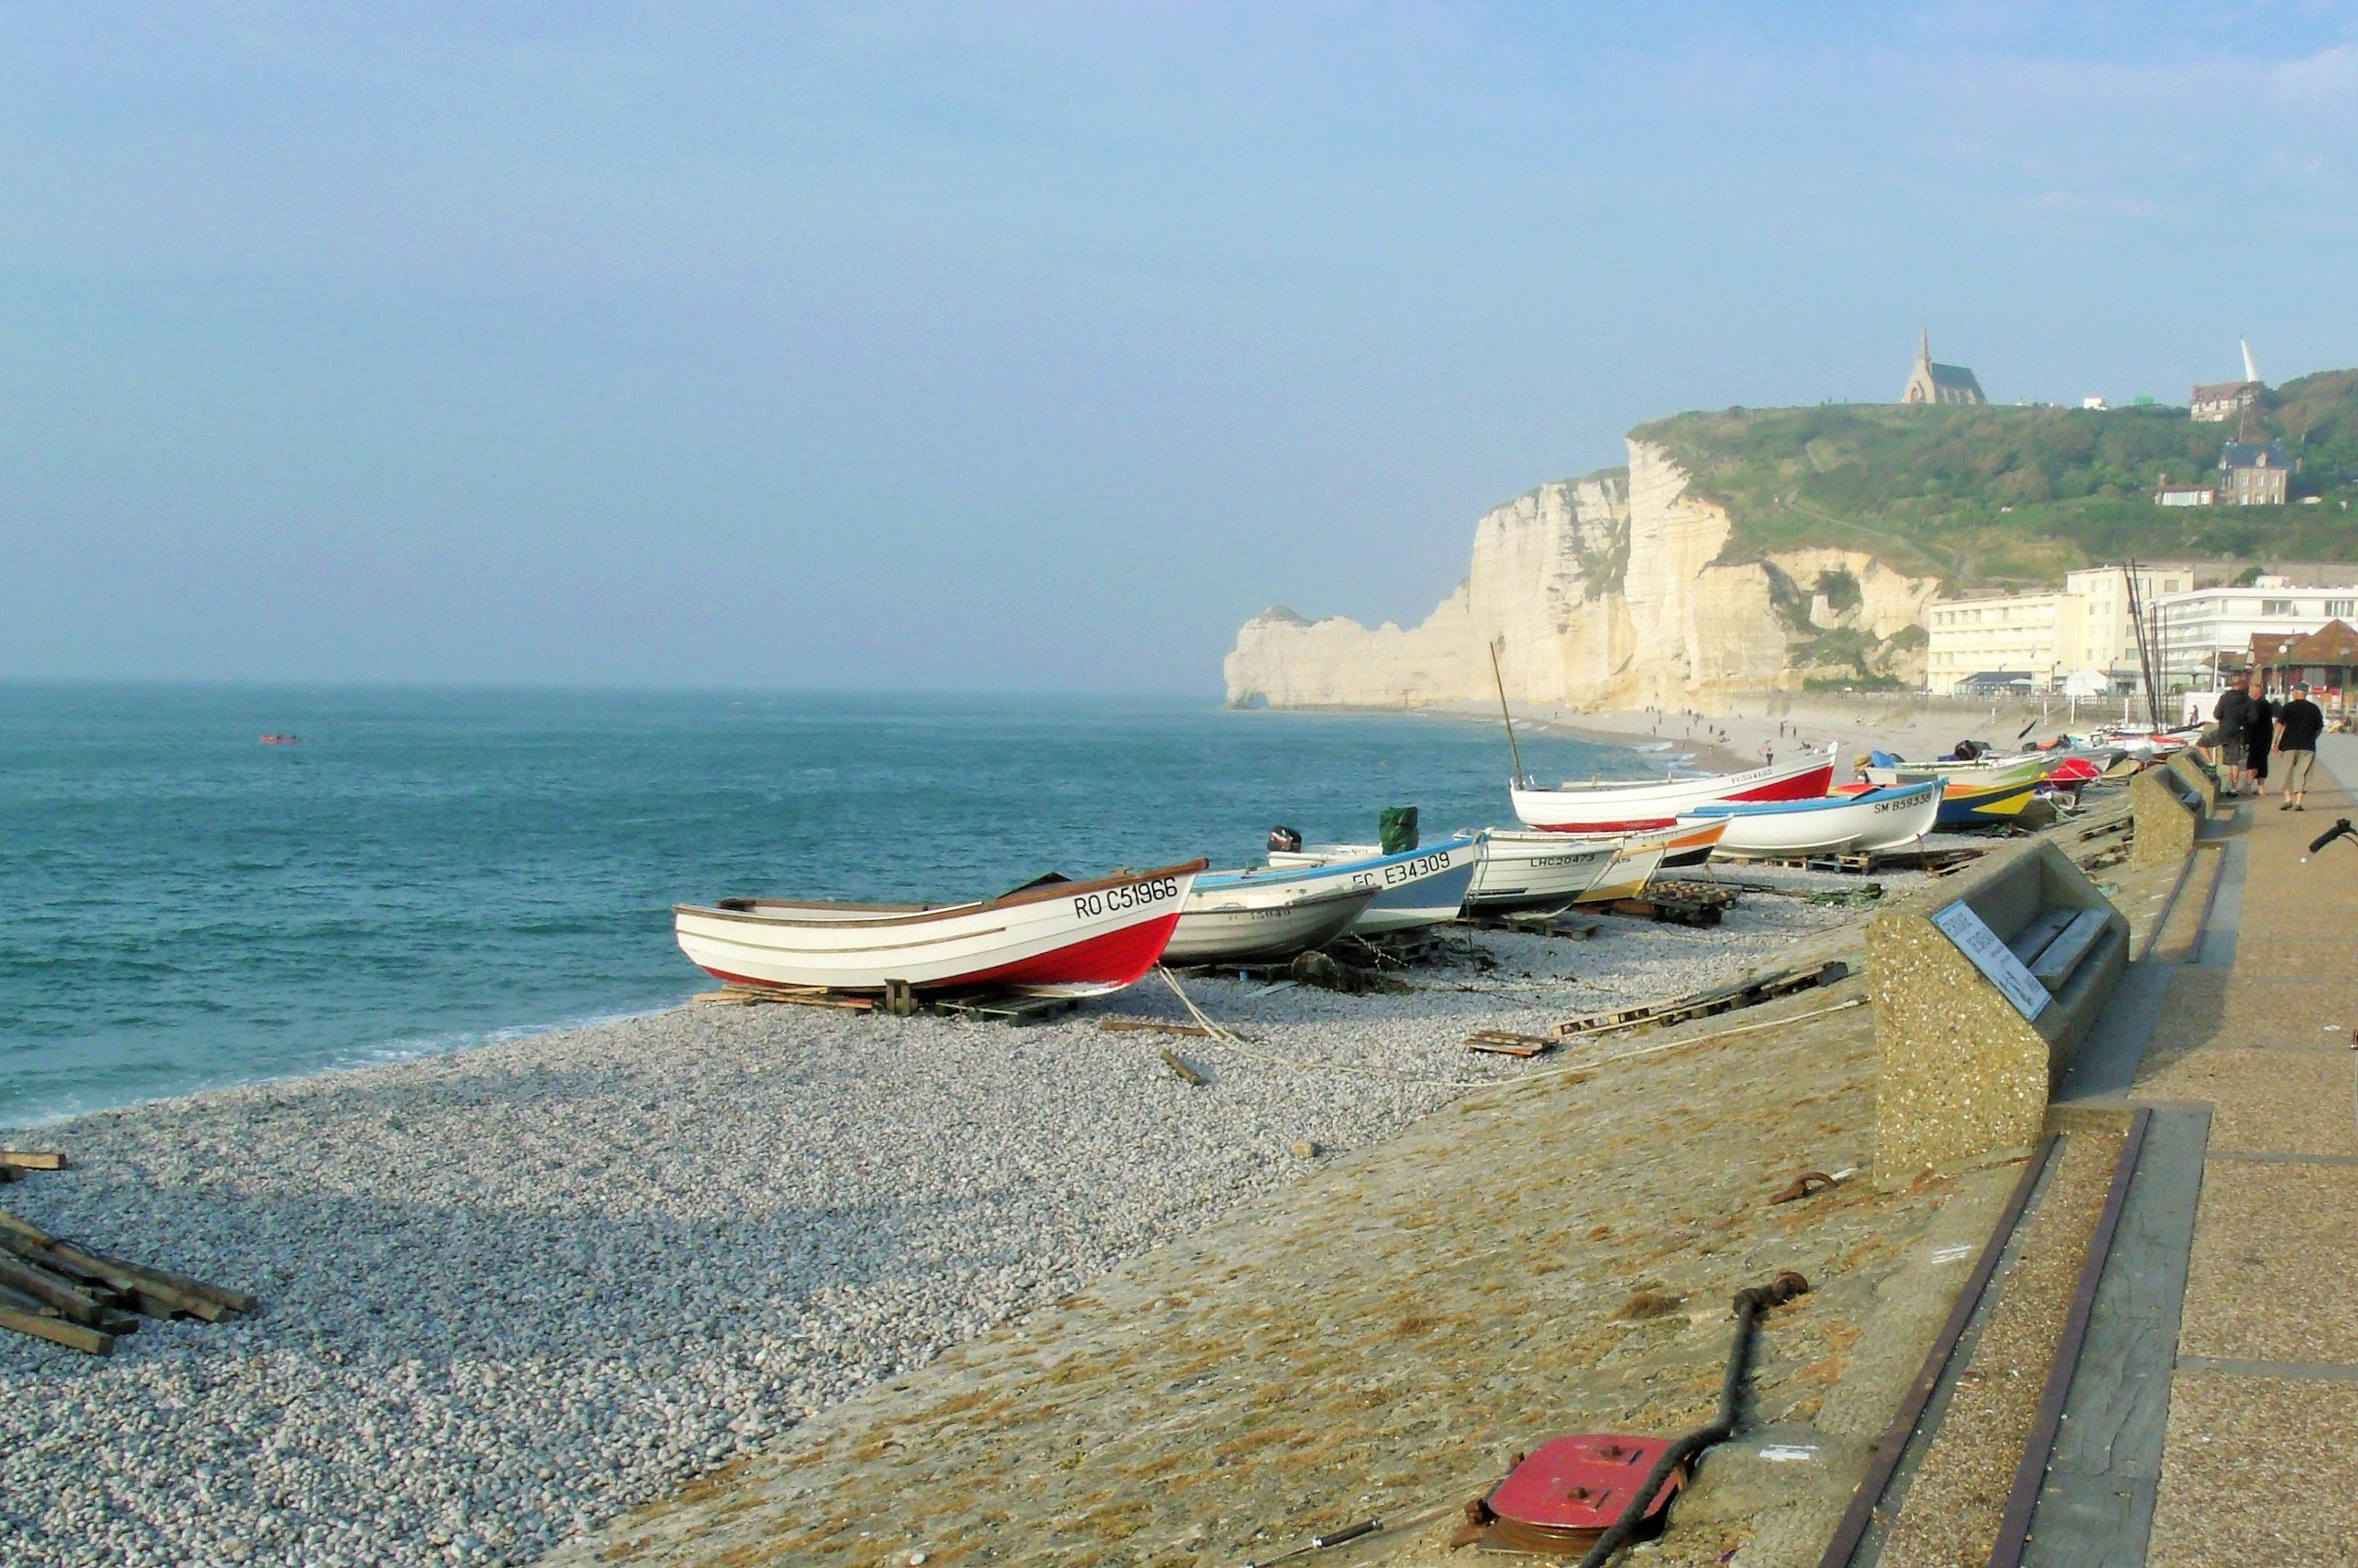 Fishing boats at Etretat - Match!